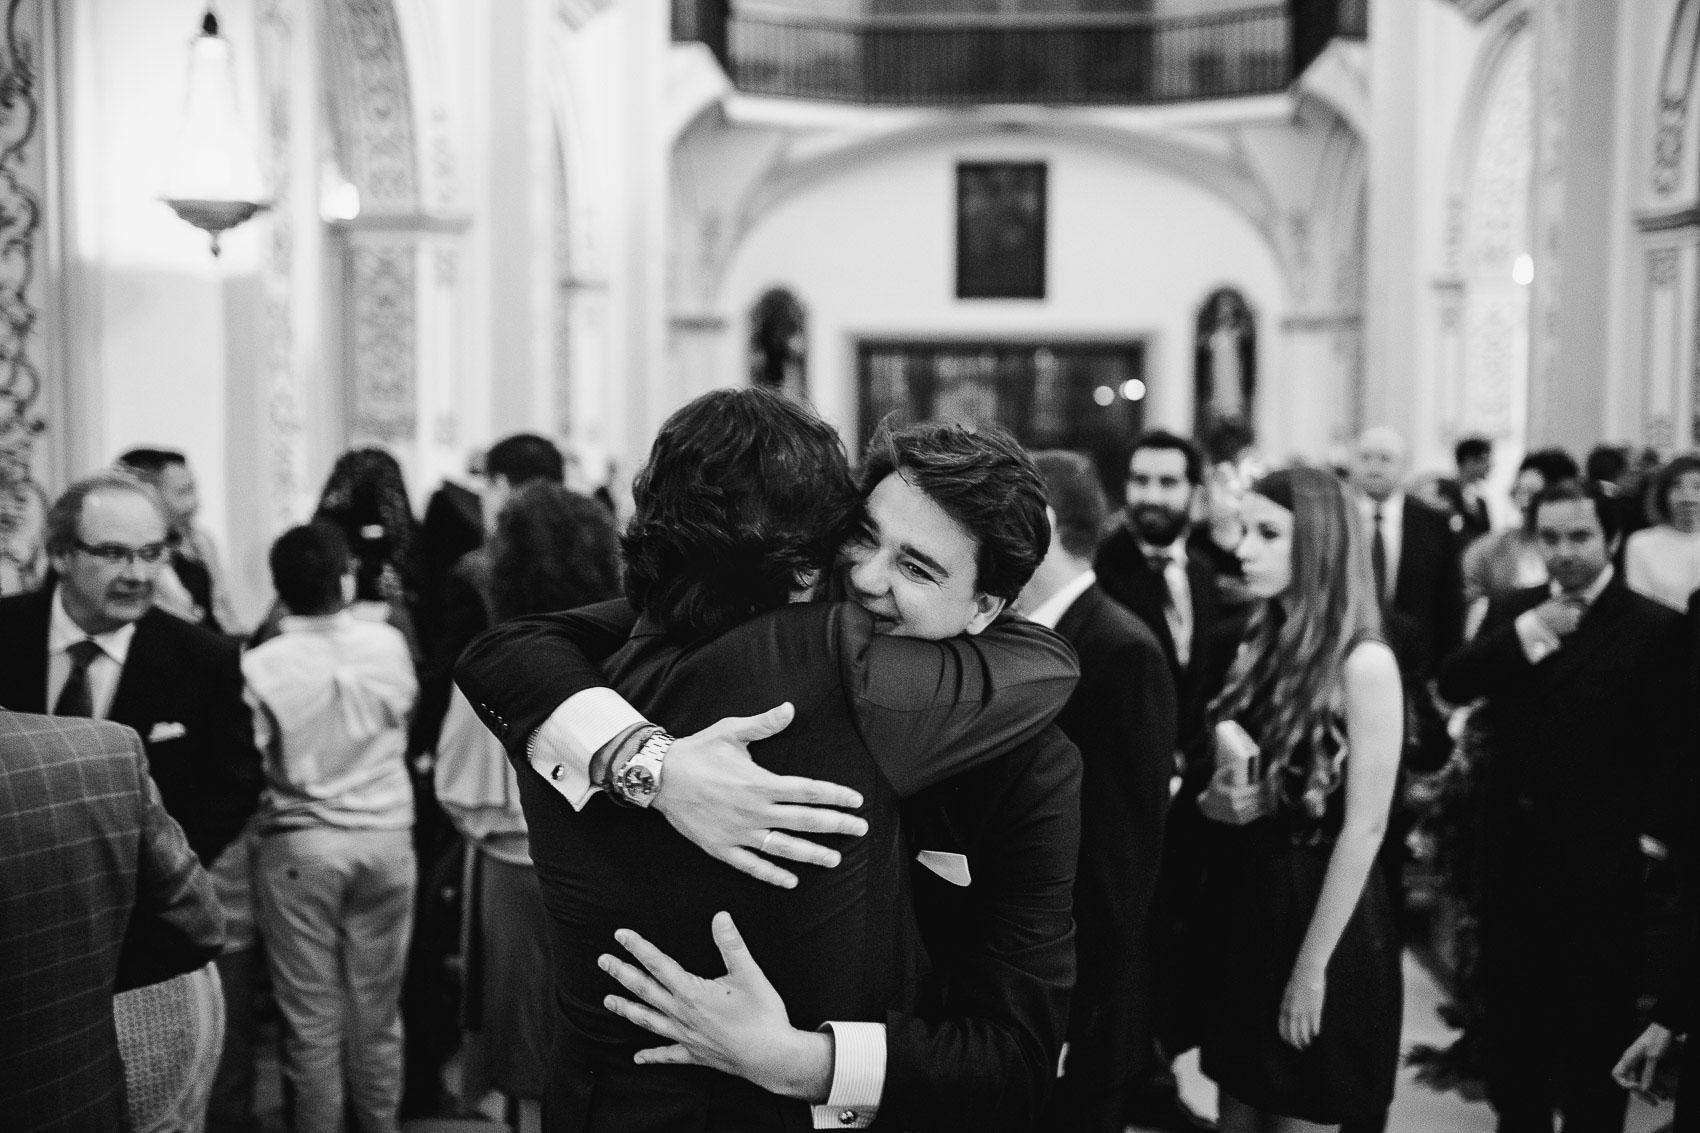 abrazo novio invitado celebracion blanco negro fotografia